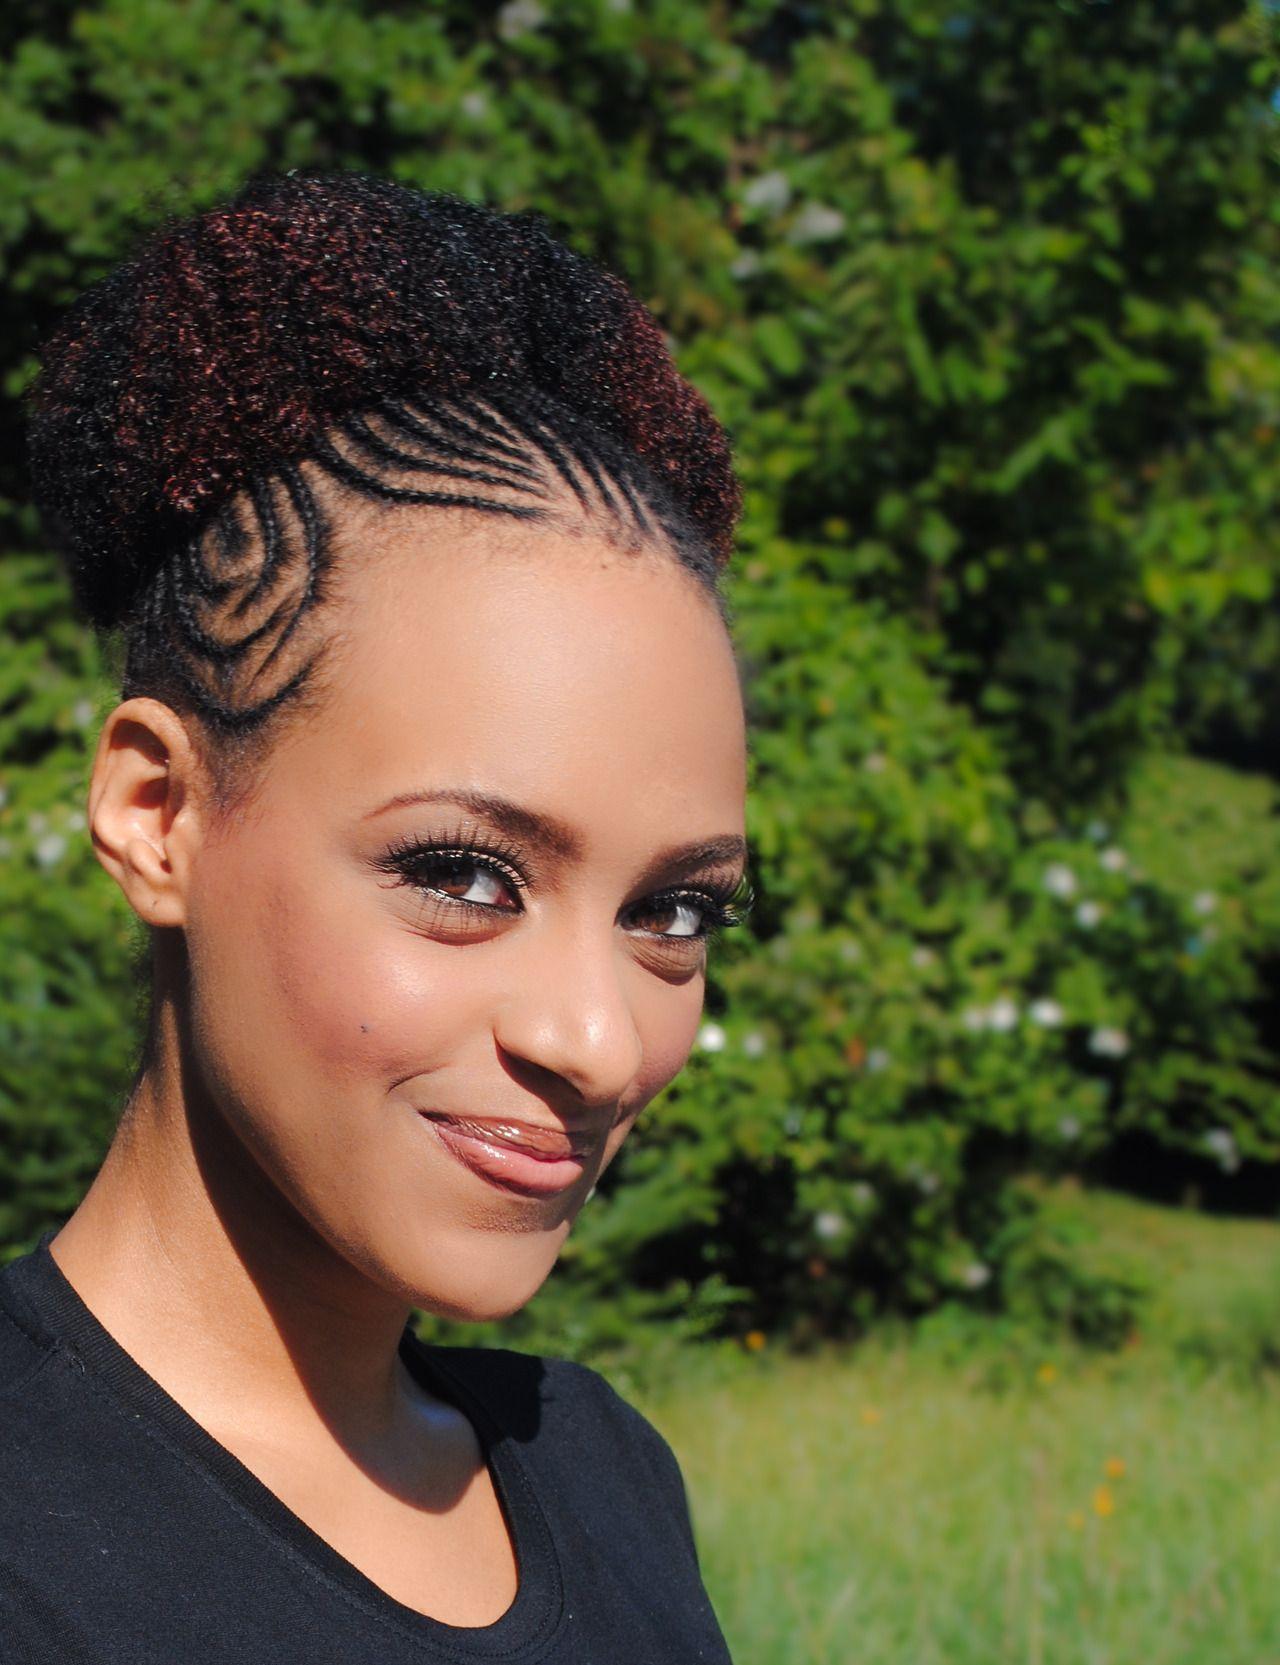 Black hair - Cute Natural Hair Updo. Precious Curls A Natural Hairspiration